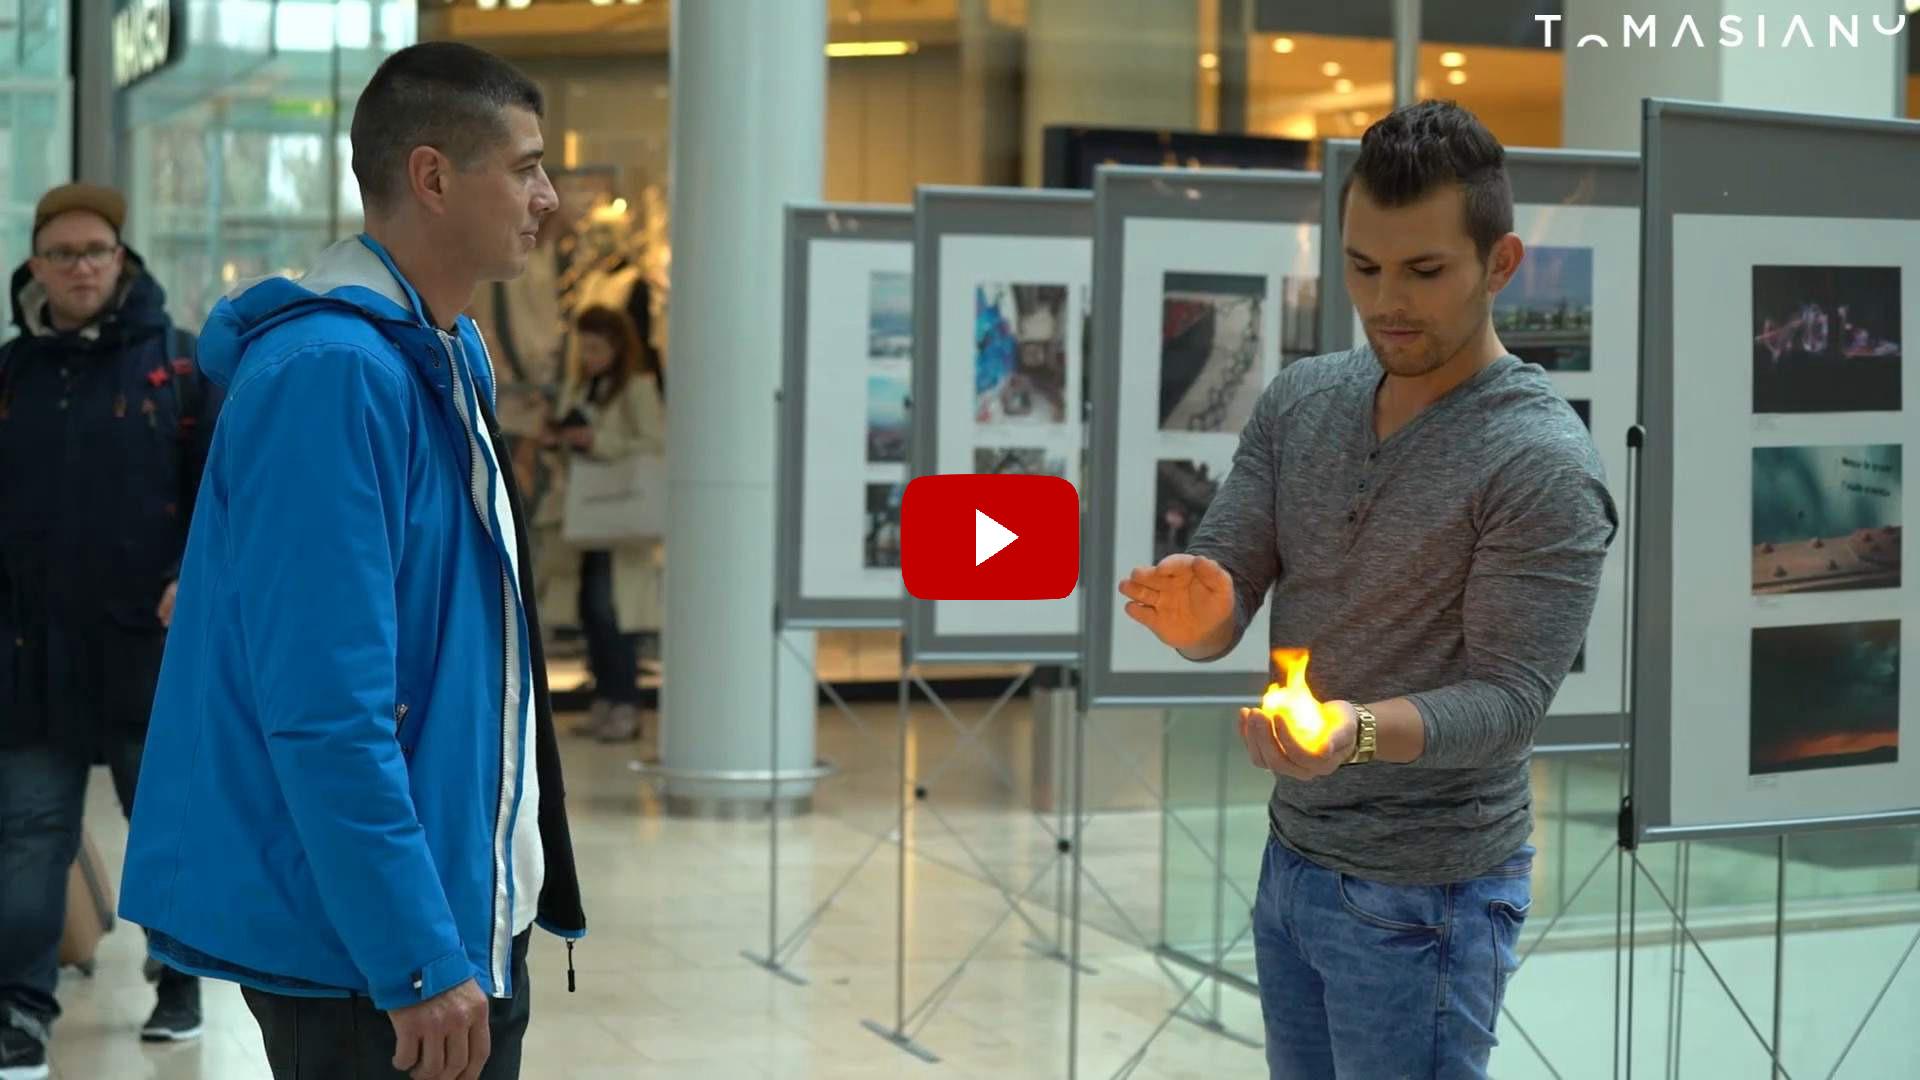 kouzelník tomasiano promo videa 1